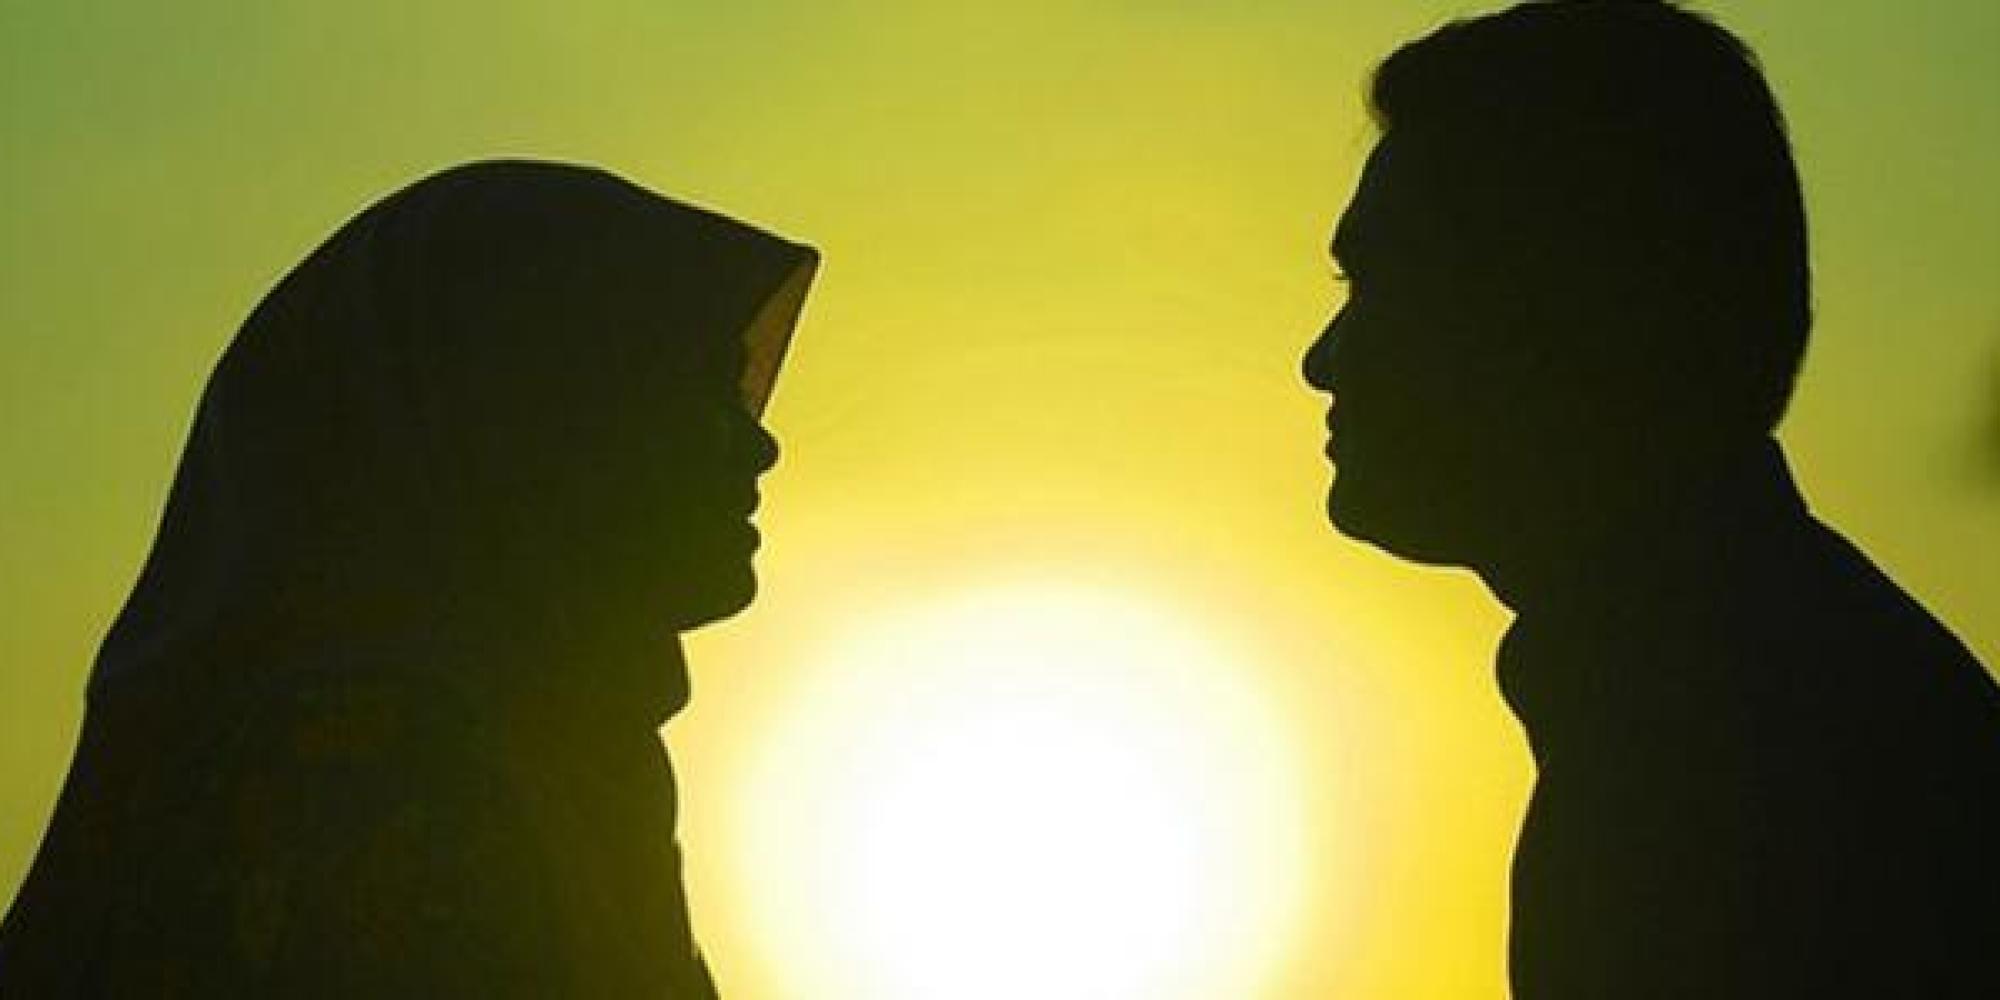 Muž i žena su stubovi porodice